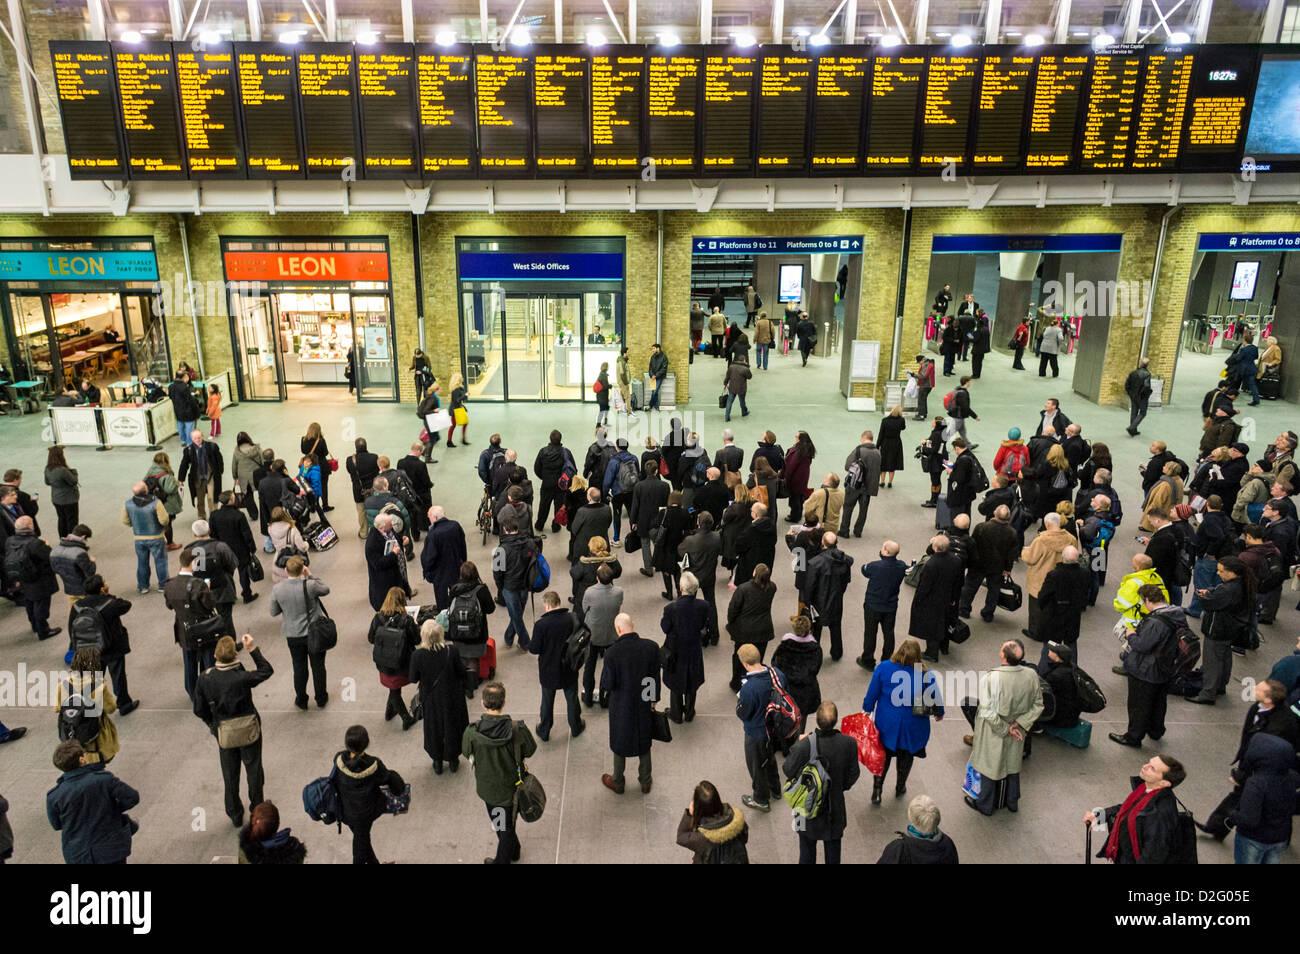 Die Leute am Bahnhof Kings Cross, London, UK - mit Blick auf die Abfahrt Platten im abendlichen Hauptverkehrszeit Stockbild